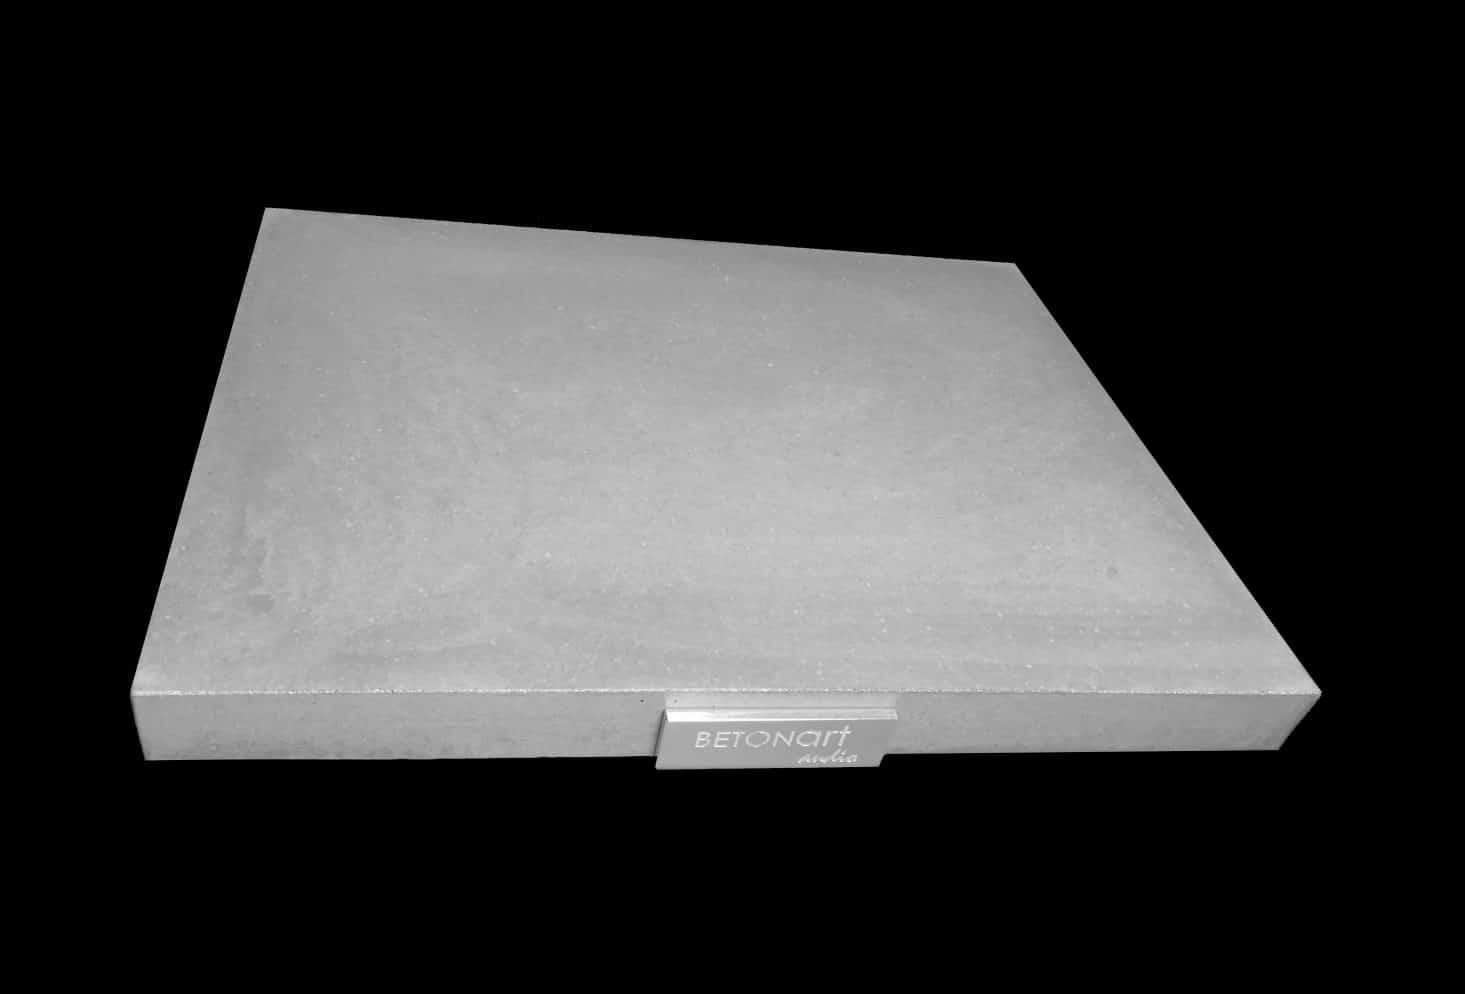 Lautsprecher aus Beton Produkte / Produktportfolio 11